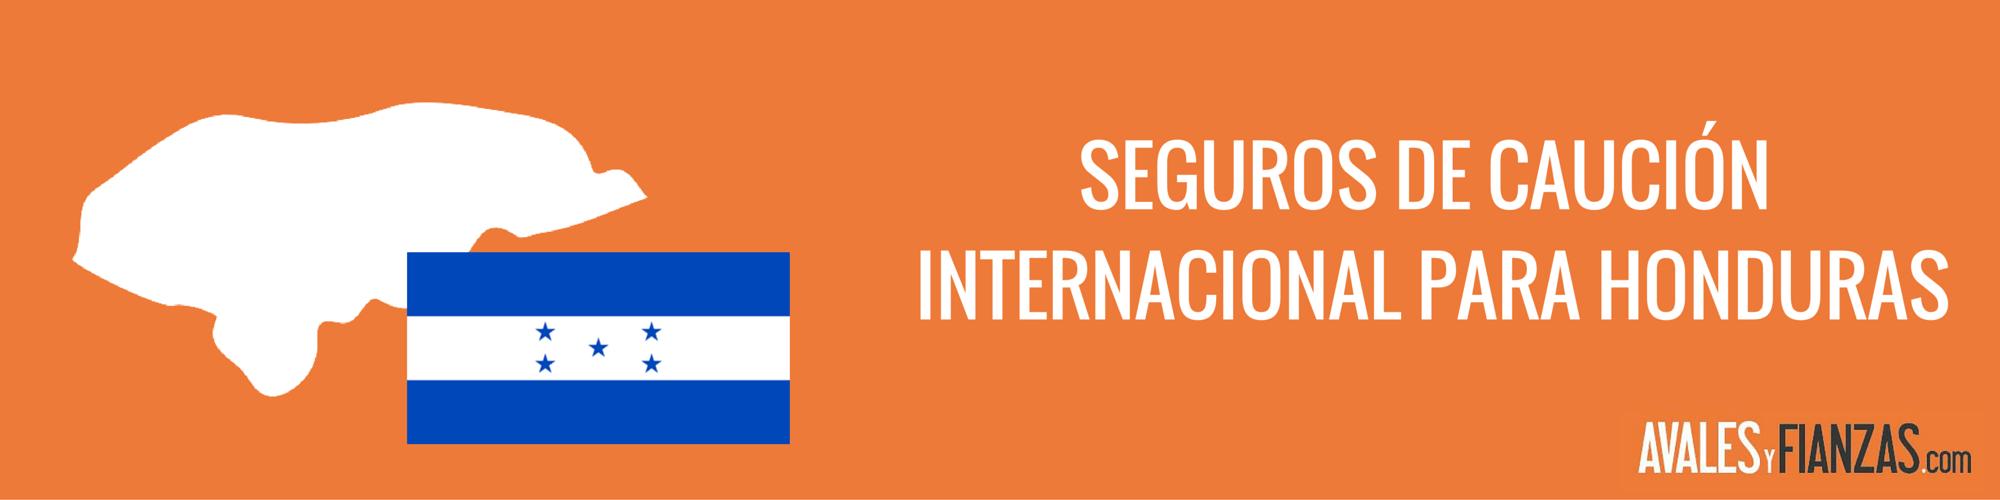 Aval para Honduras